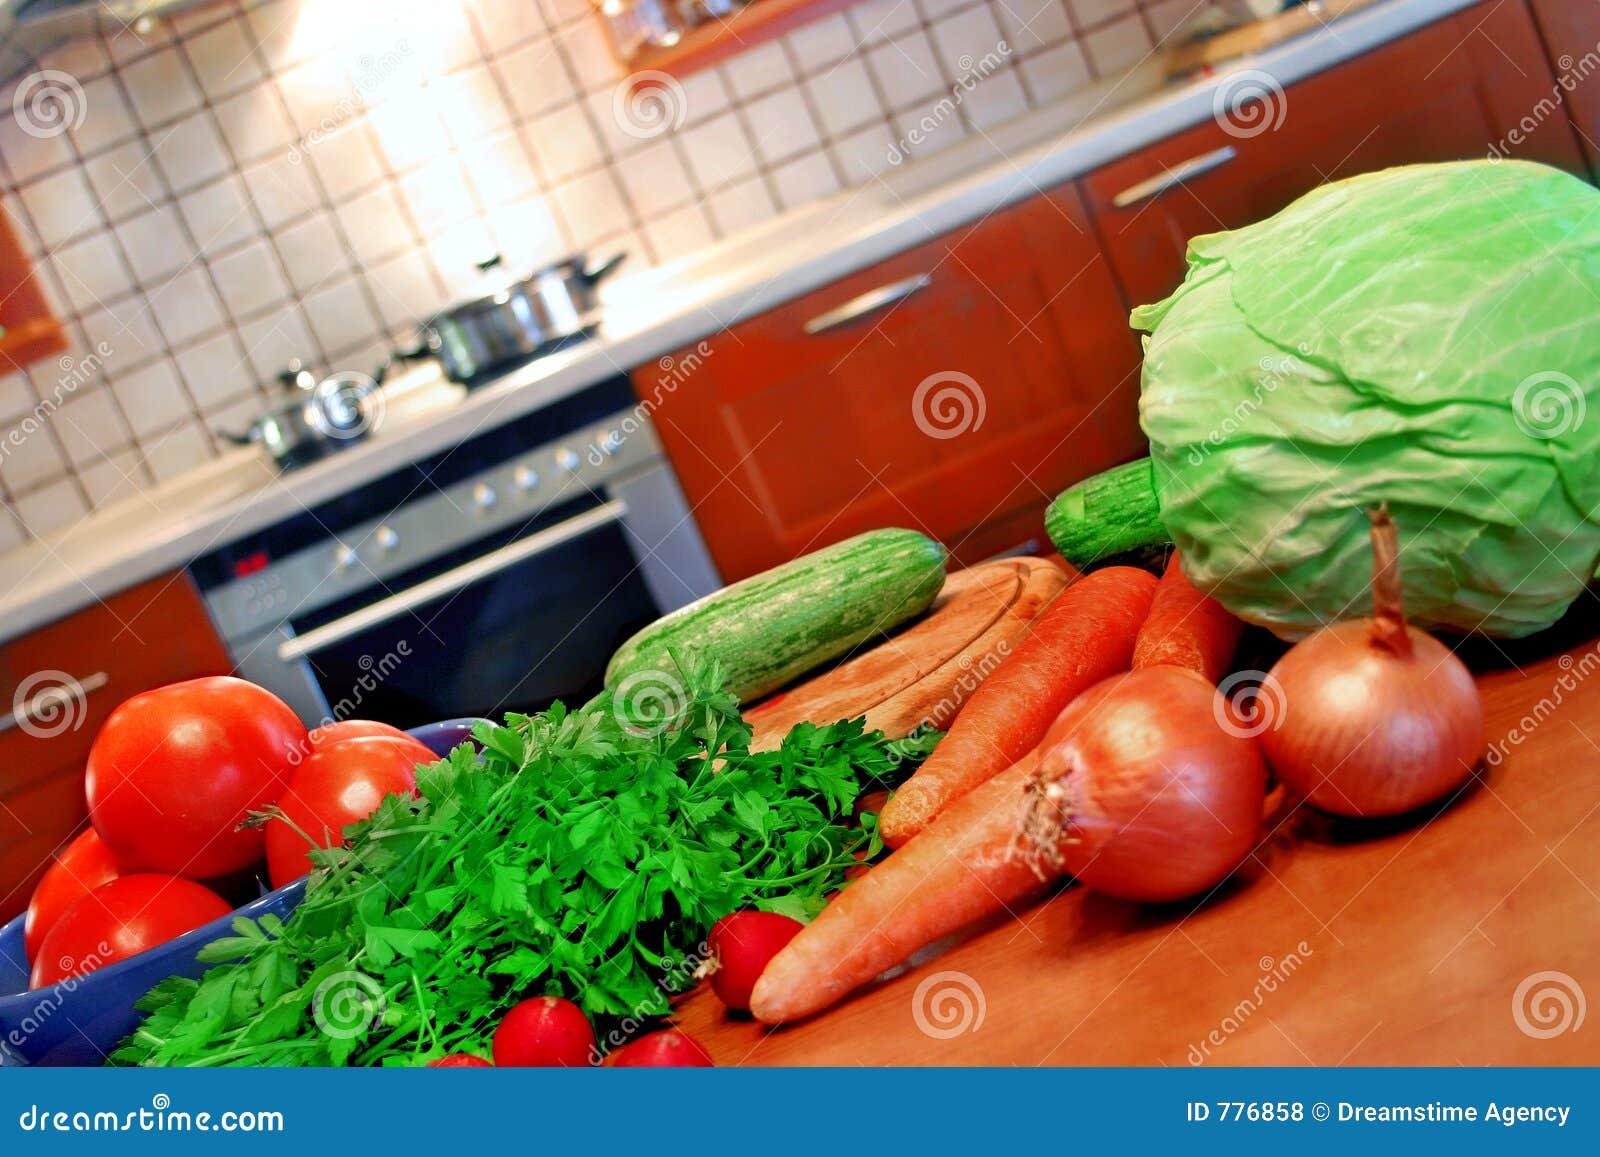 De opstelling van de keuken